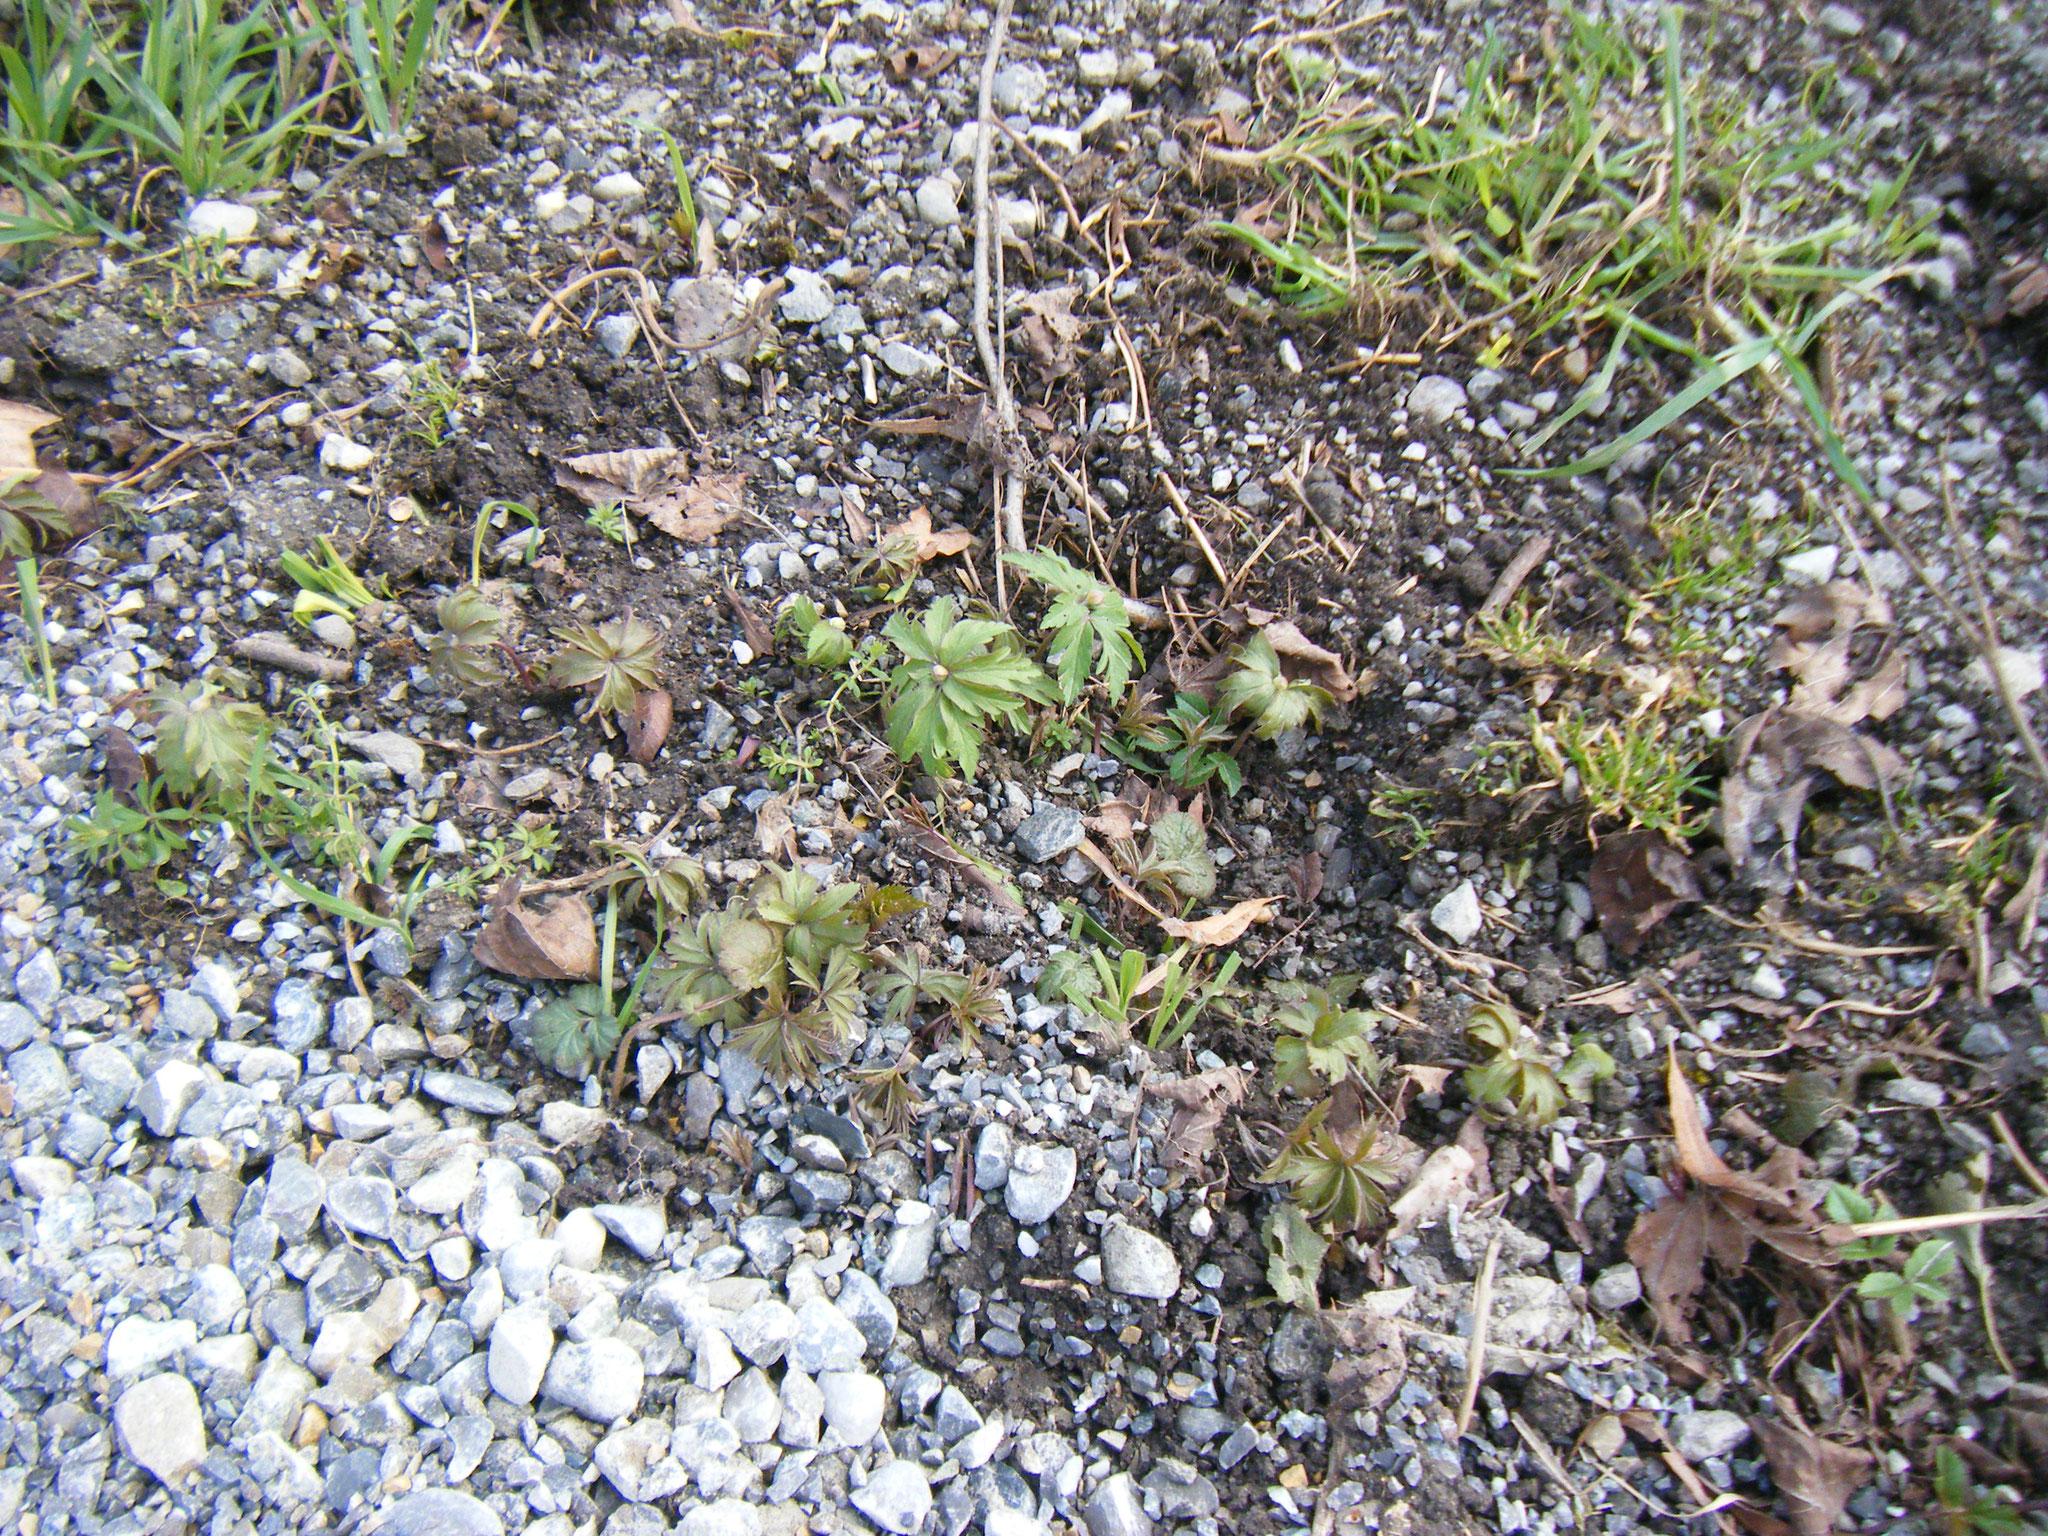 Leider hat die Pflanze schwer zu kämpfen gegen Umwelteinflüsse wie Überschotterung oder totes Geäst